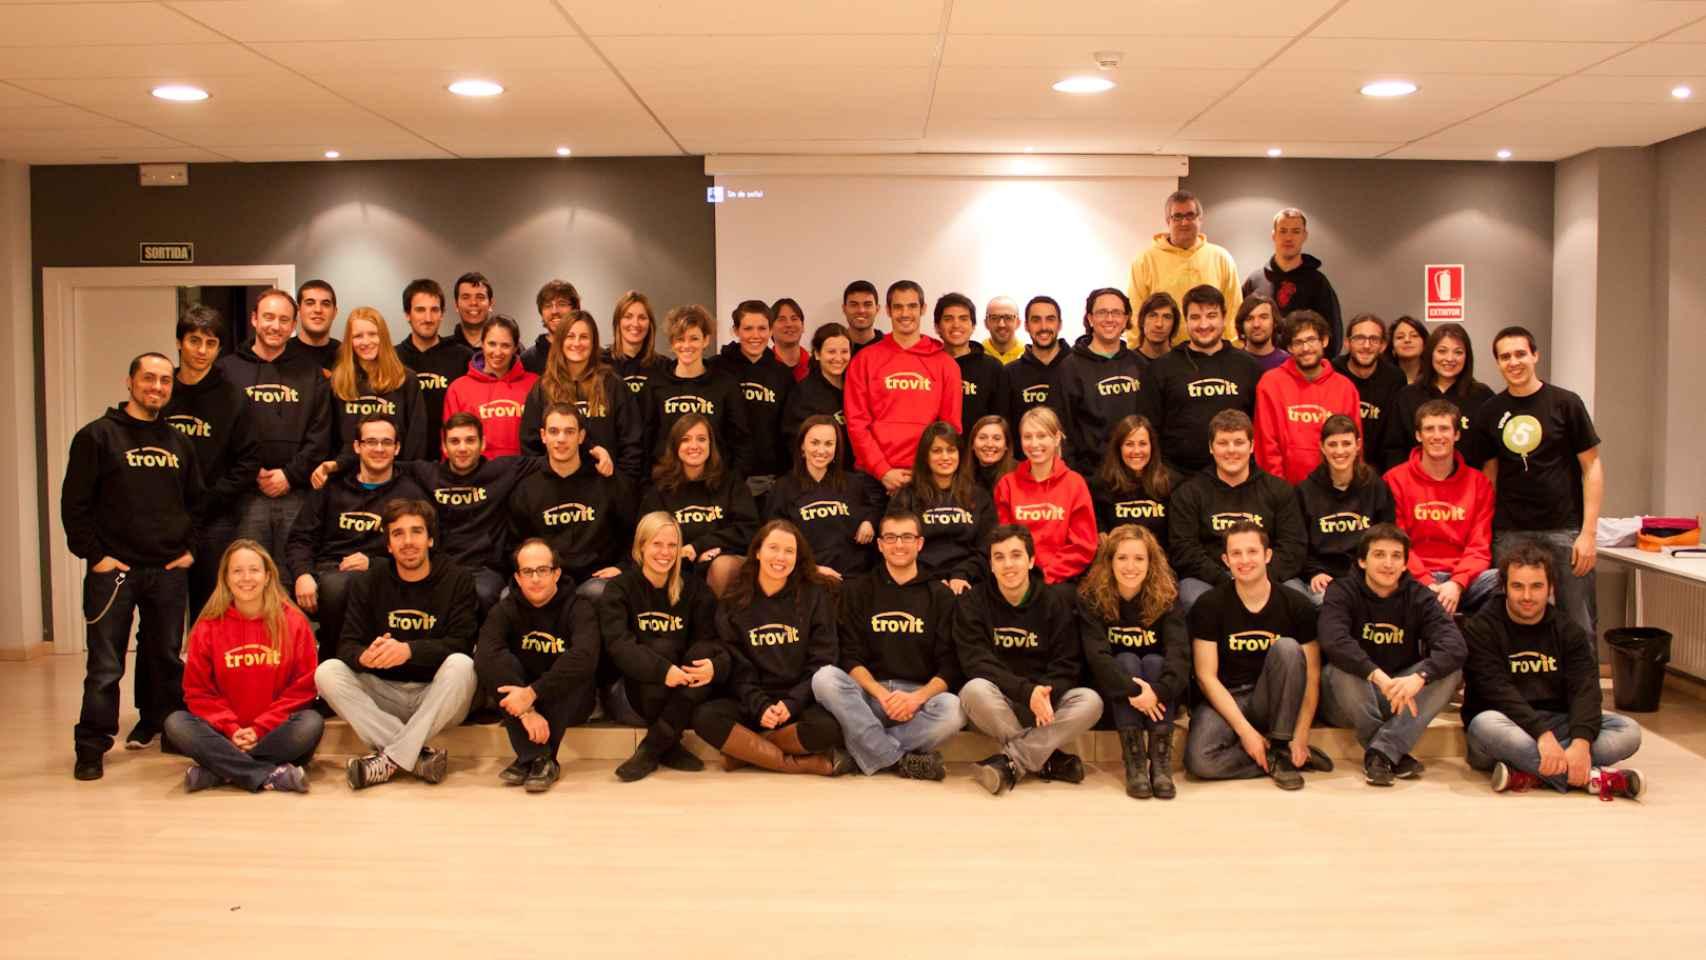 La startup Trovit fue vendida por 80 millones en 2014.